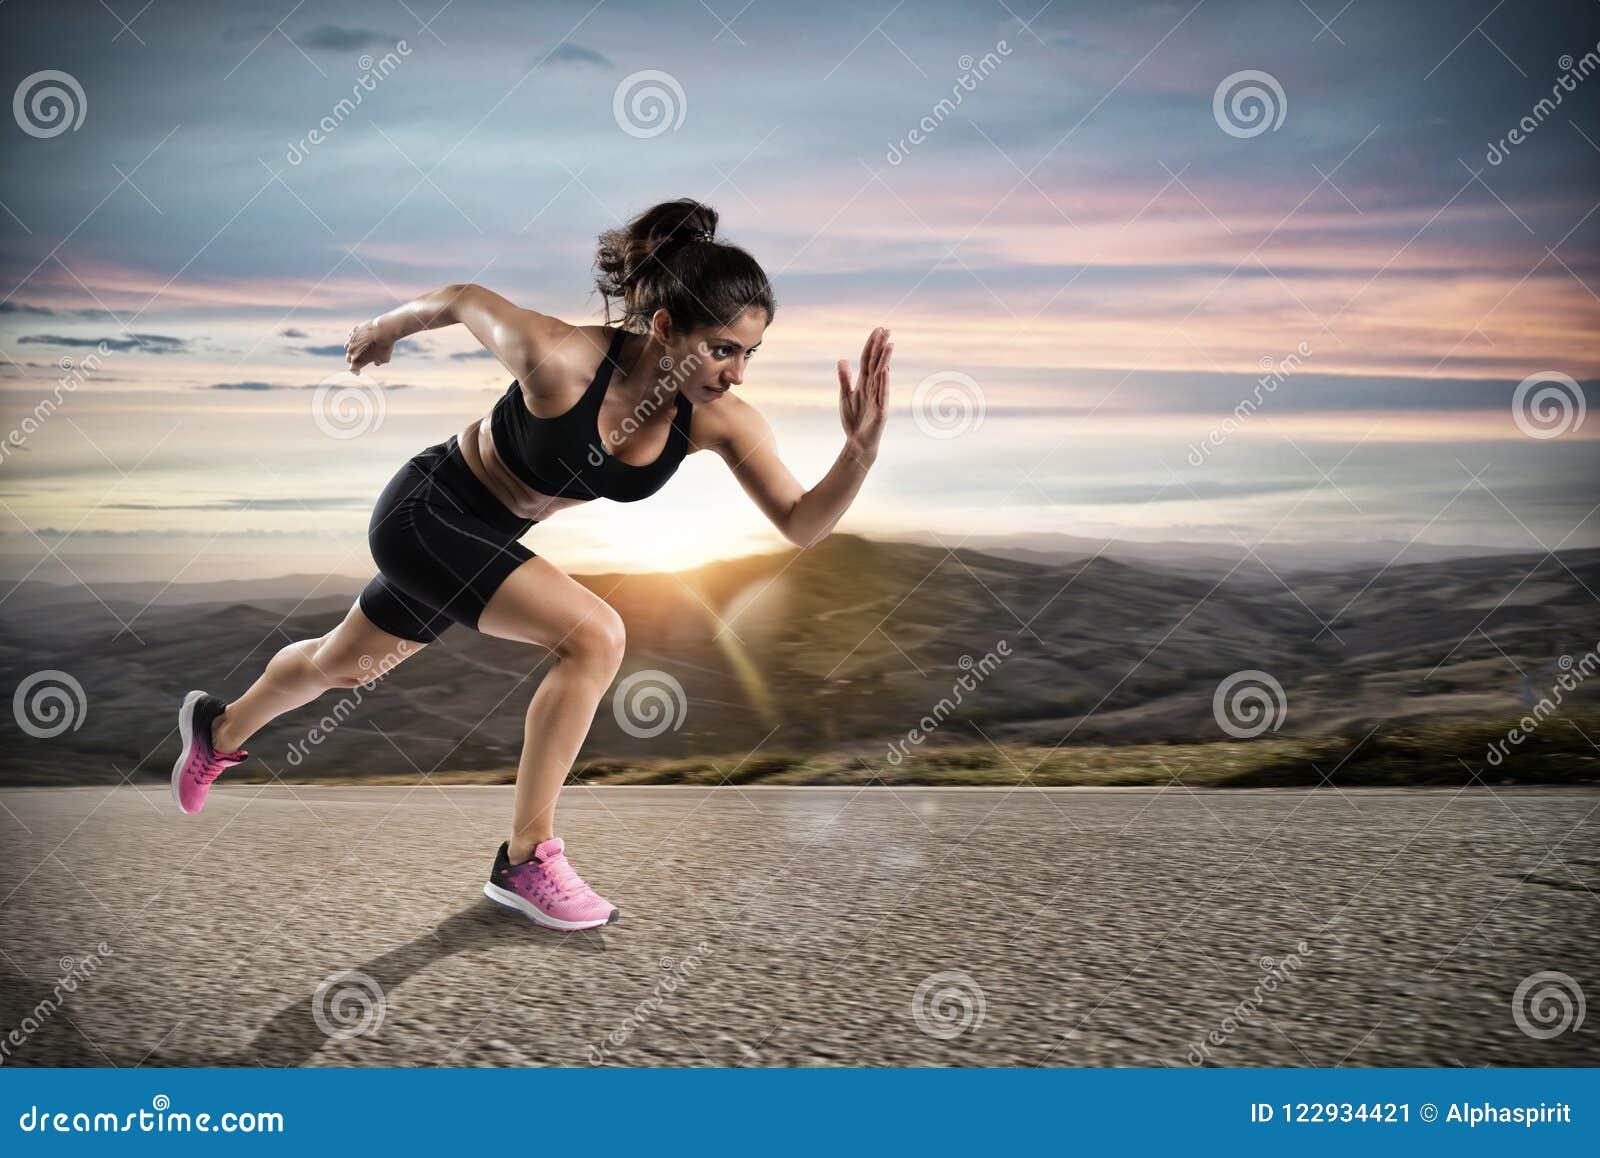 在日落期间,运动妇女在街道上跑